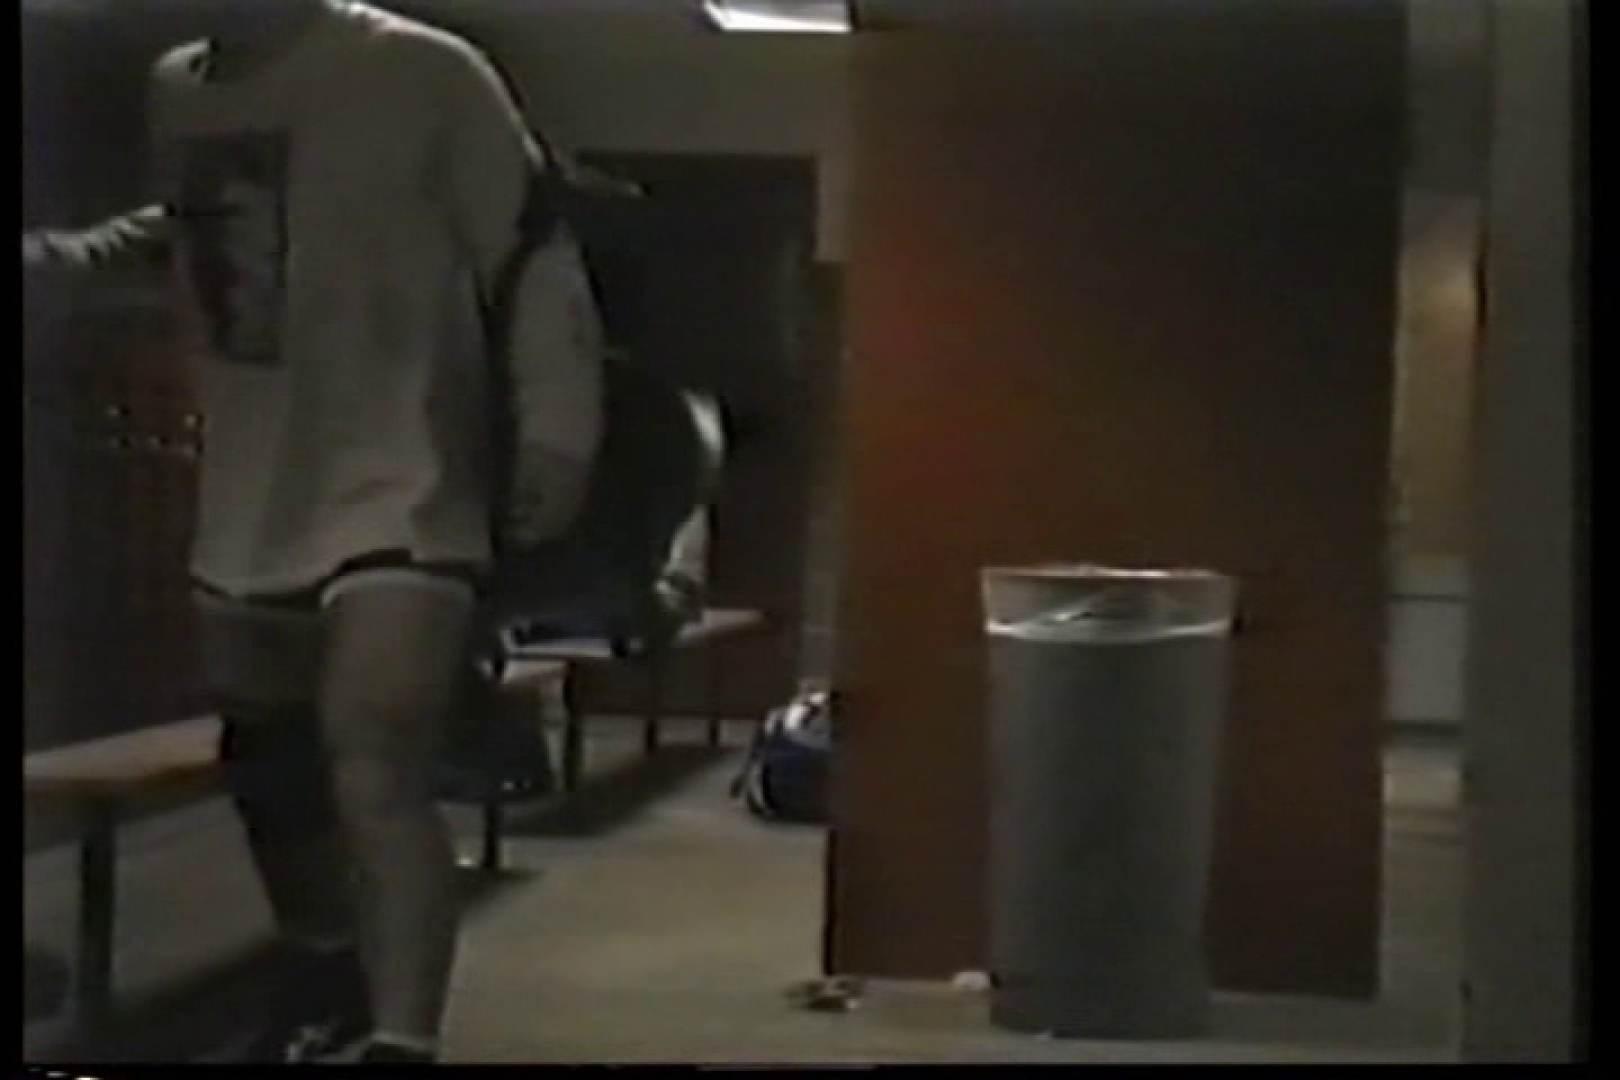 洋人さんの脱衣所を覗いてみました。VOL.3 男天国 | 0  109pic 79